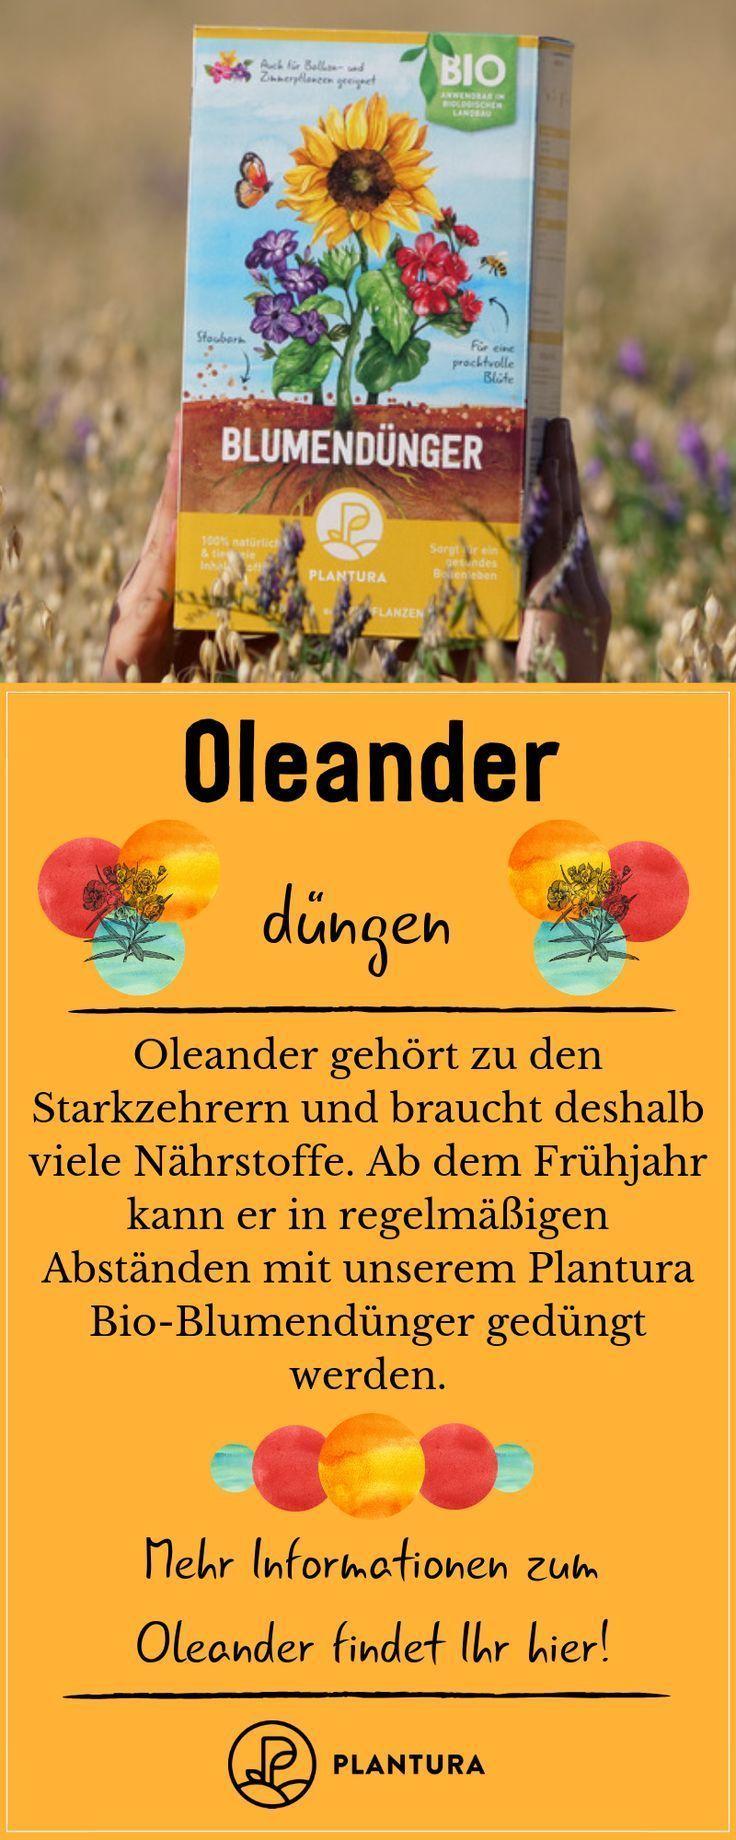 Oleander: Experten-Tipps zum Pflanzen, Schneiden, Überwintern & Co - #ExpertenTipps #Oleander #Pflanzen #Schneiden #überwintern #zum #immergrünesträucher Oleander: Experten-Tipps zum Pflanzen, Schneiden, Überwintern & Co - #ExpertenTipps #Oleander #Pflanzen #Schneiden #überwintern #zum #immergrünesträucher Oleander: Experten-Tipps zum Pflanzen, Schneiden, Überwintern & Co - #ExpertenTipps #Oleander #Pflanzen #Schneiden #überwintern #zum #immergrünesträucher Oleander: Experten-Tipps z #immergrünesträucher